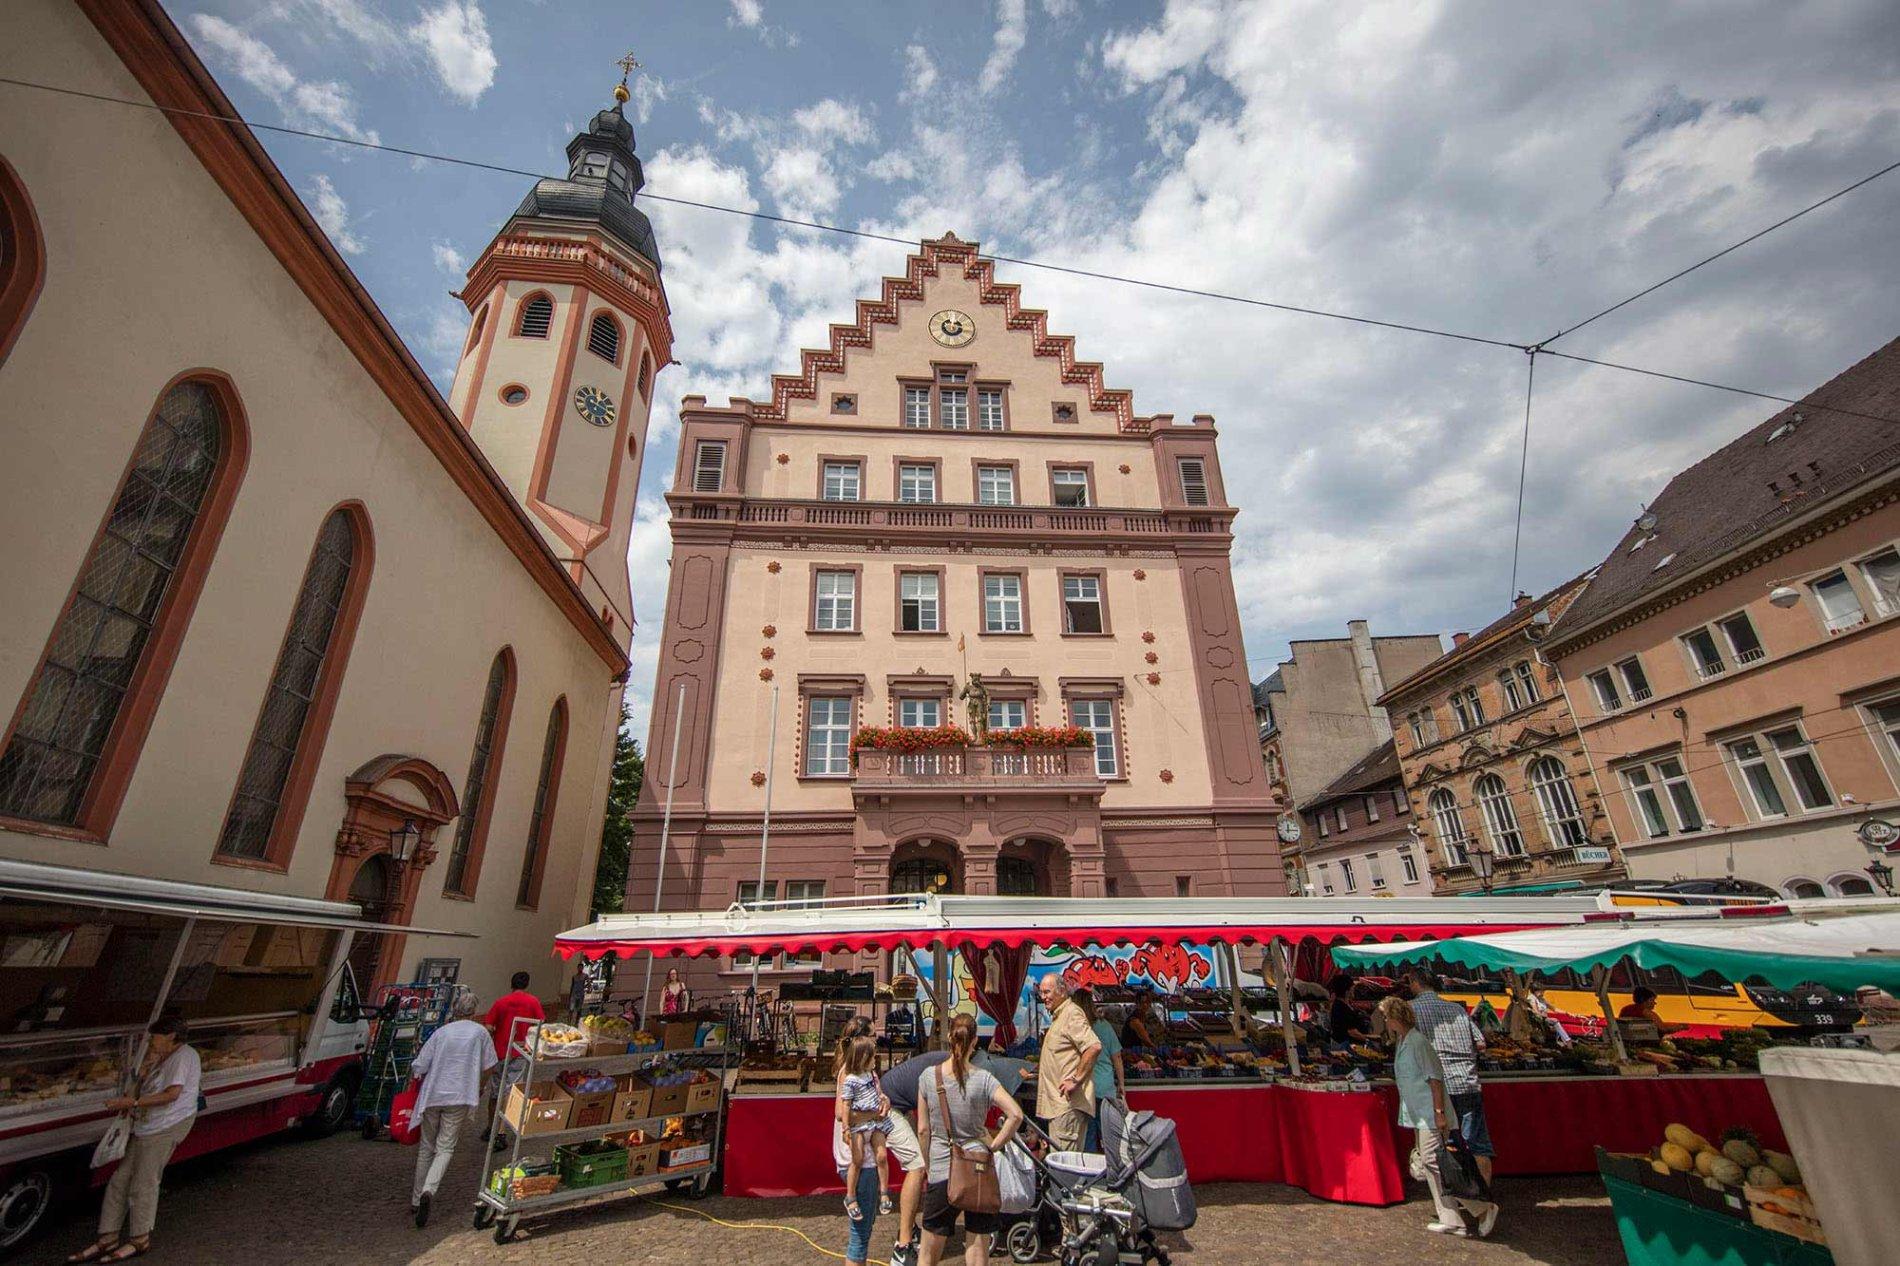 Durlacher Markt